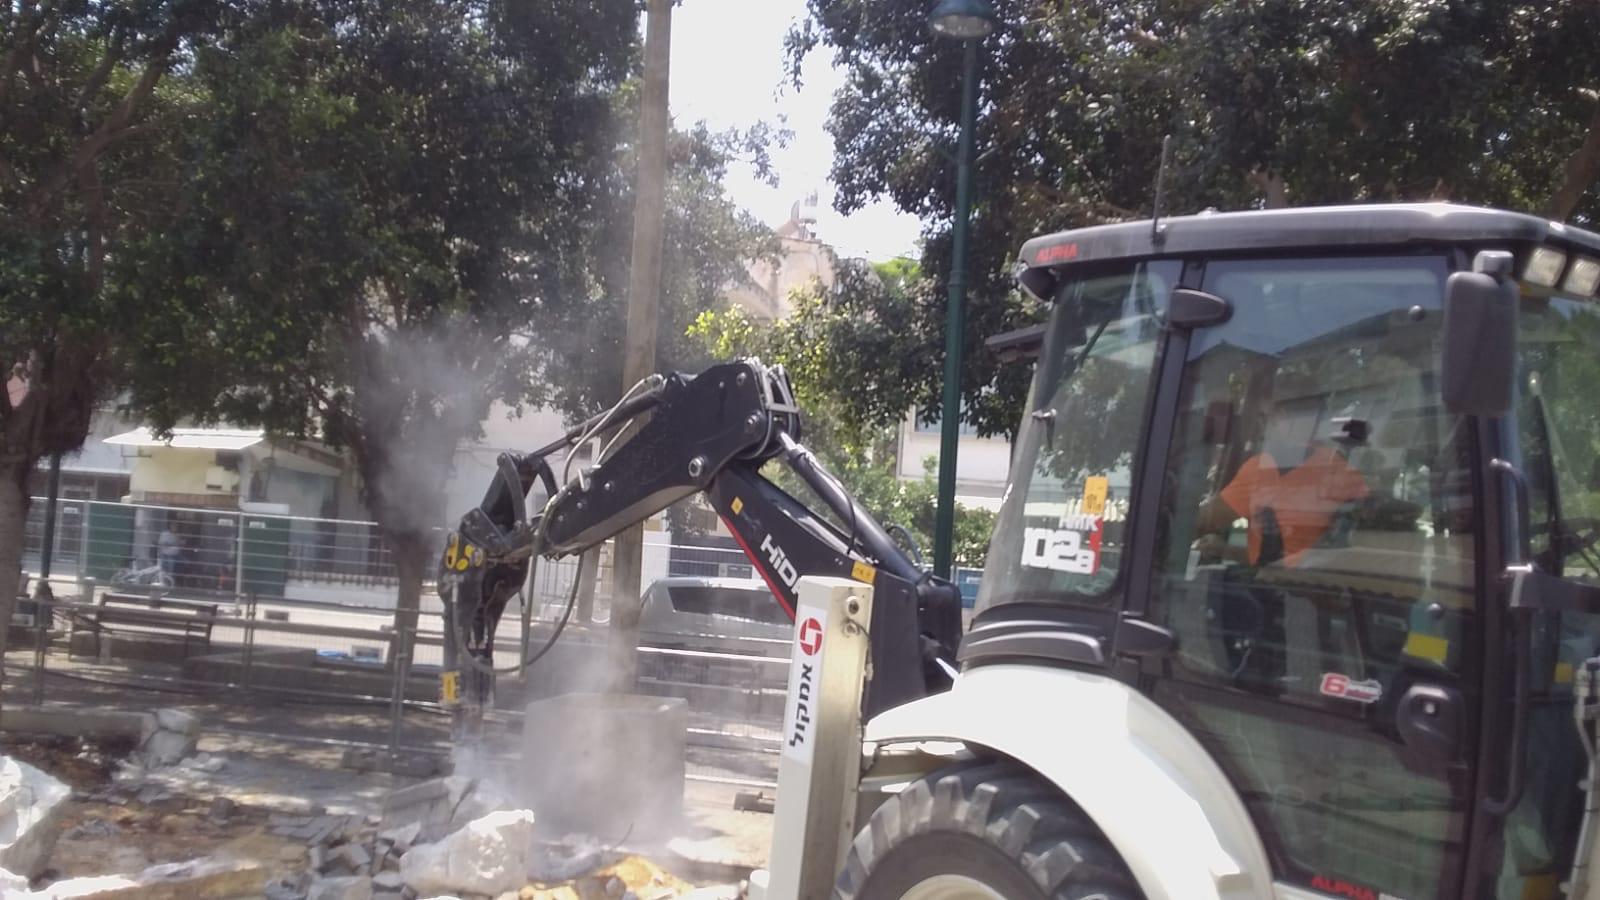 يافا: إغلاق حي النزهة لأعمال ترميم.. دون مراعاة مصالح السكان